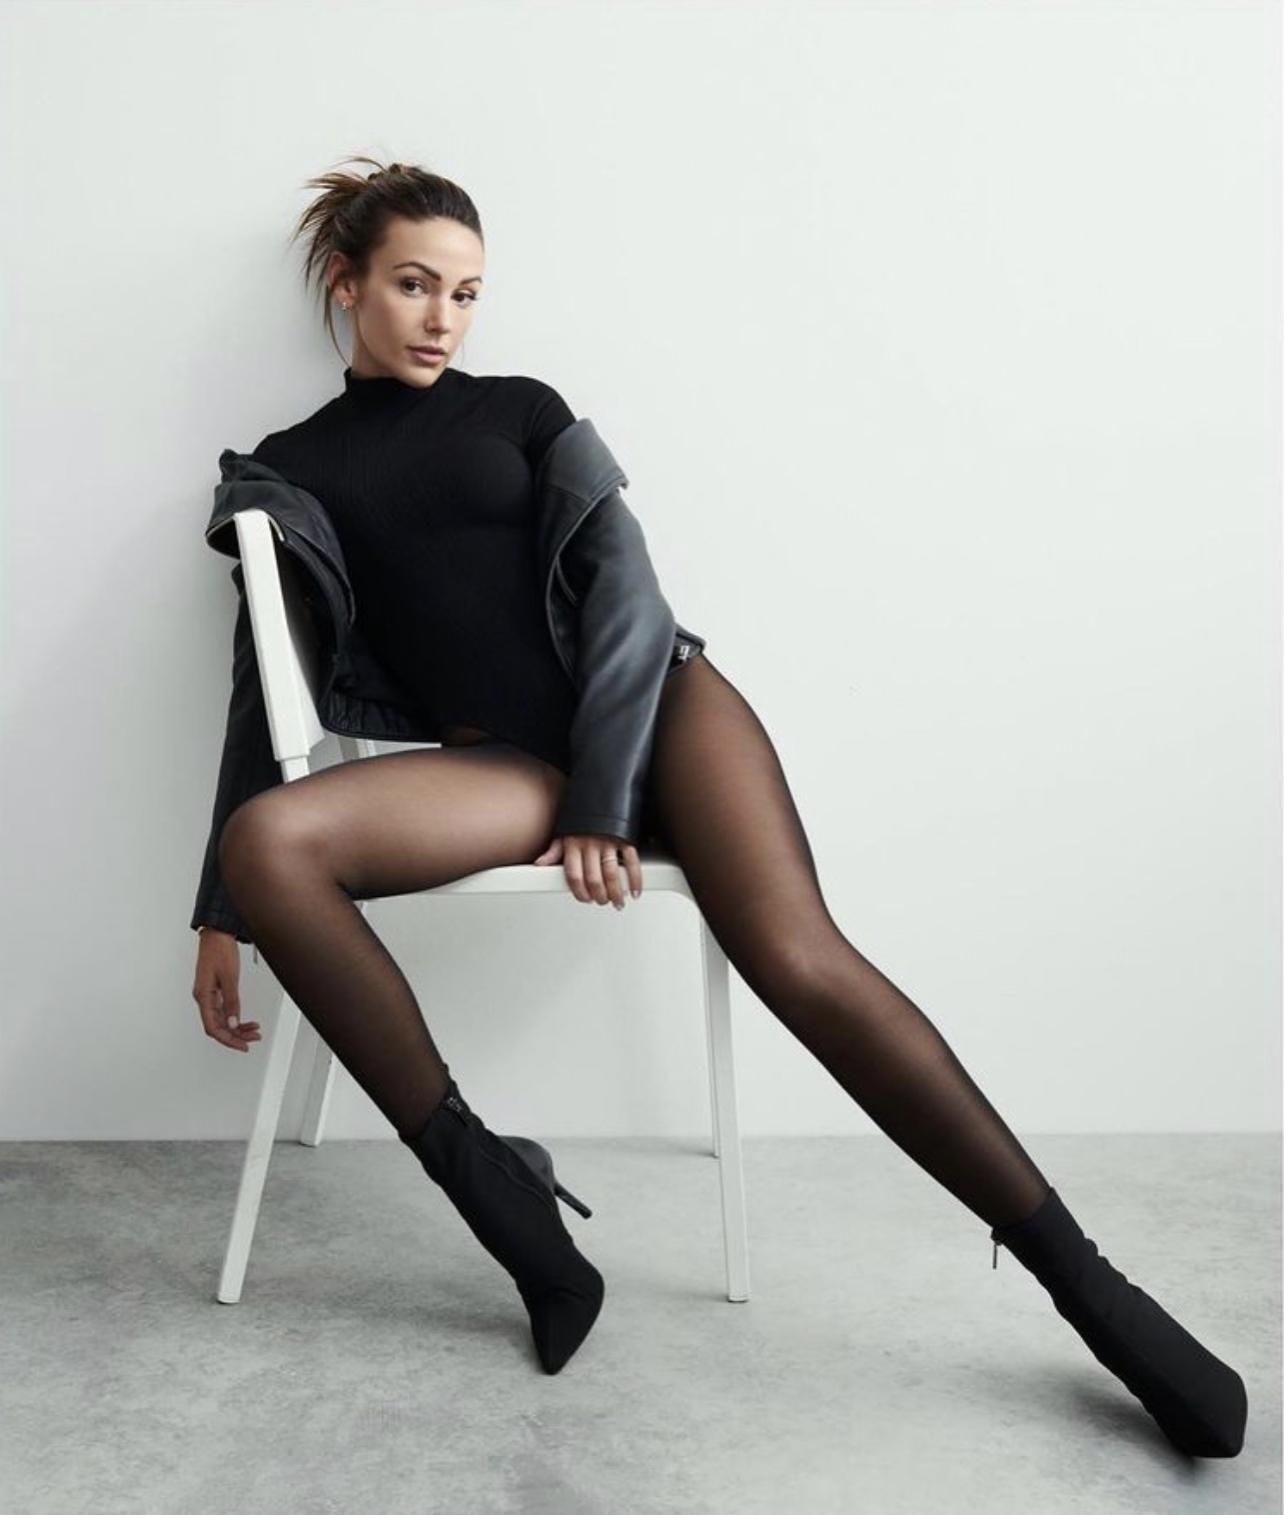 Мишель Киган — британская актриса и болельщица «Манчестер Сити»